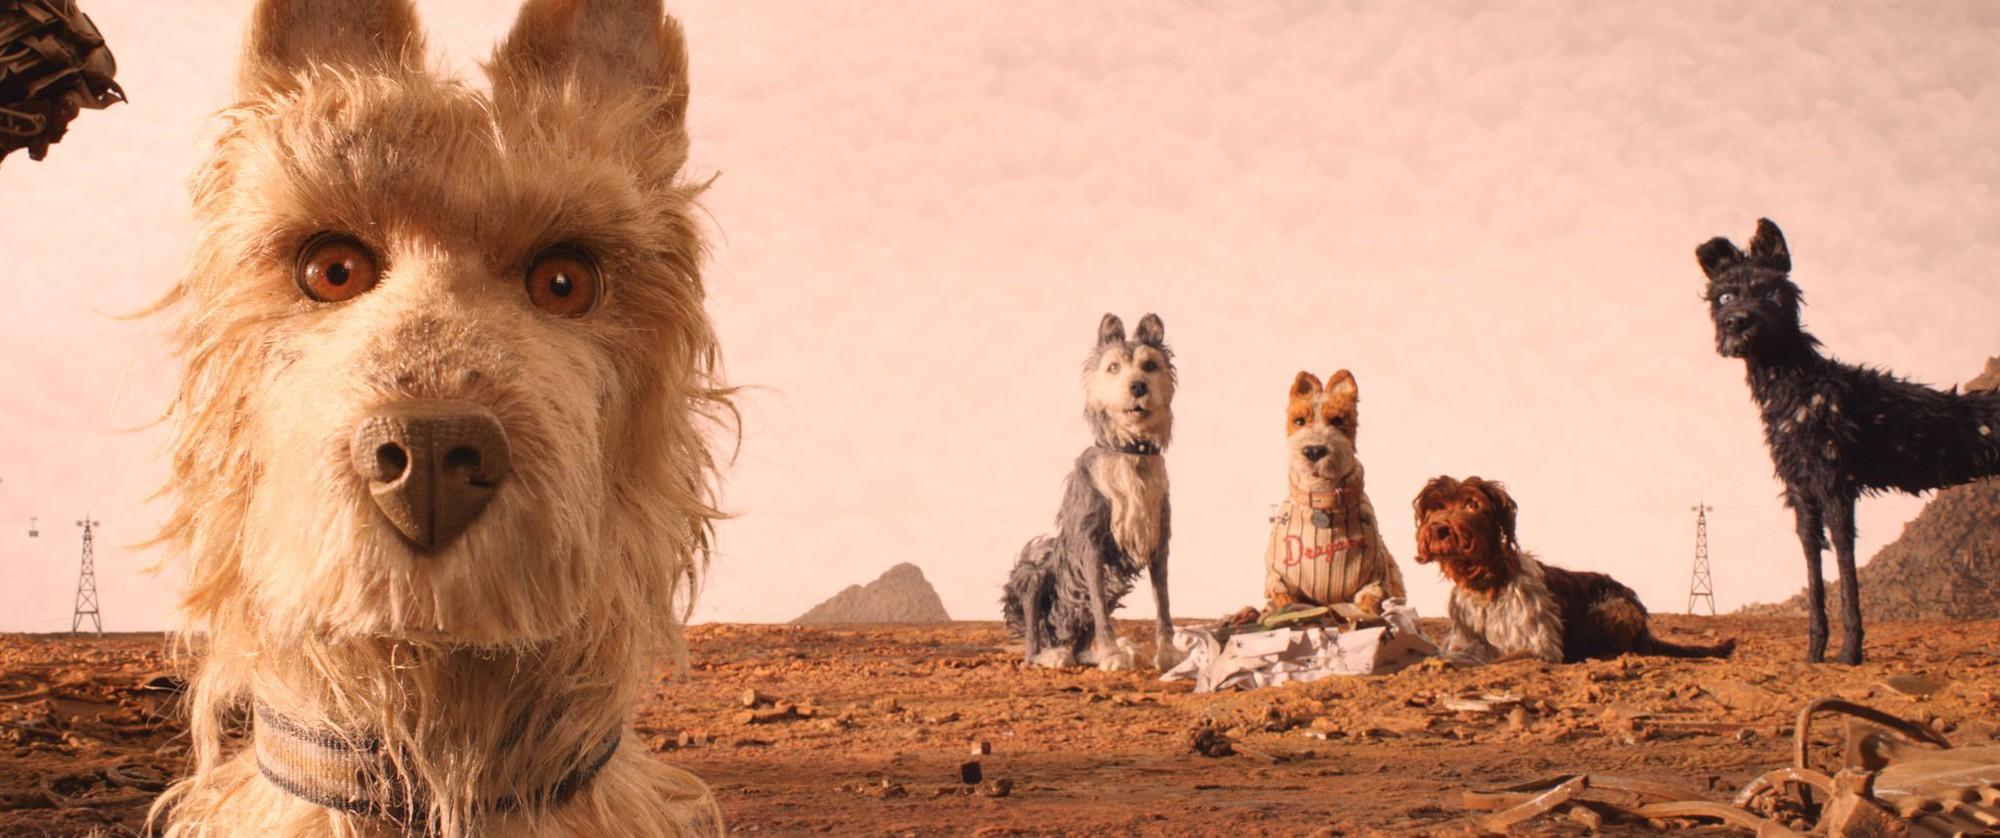 Isle of Dogs - Năm Tuất, kể chuyện chó theo phong cách Wes Anderson - Ảnh 10.